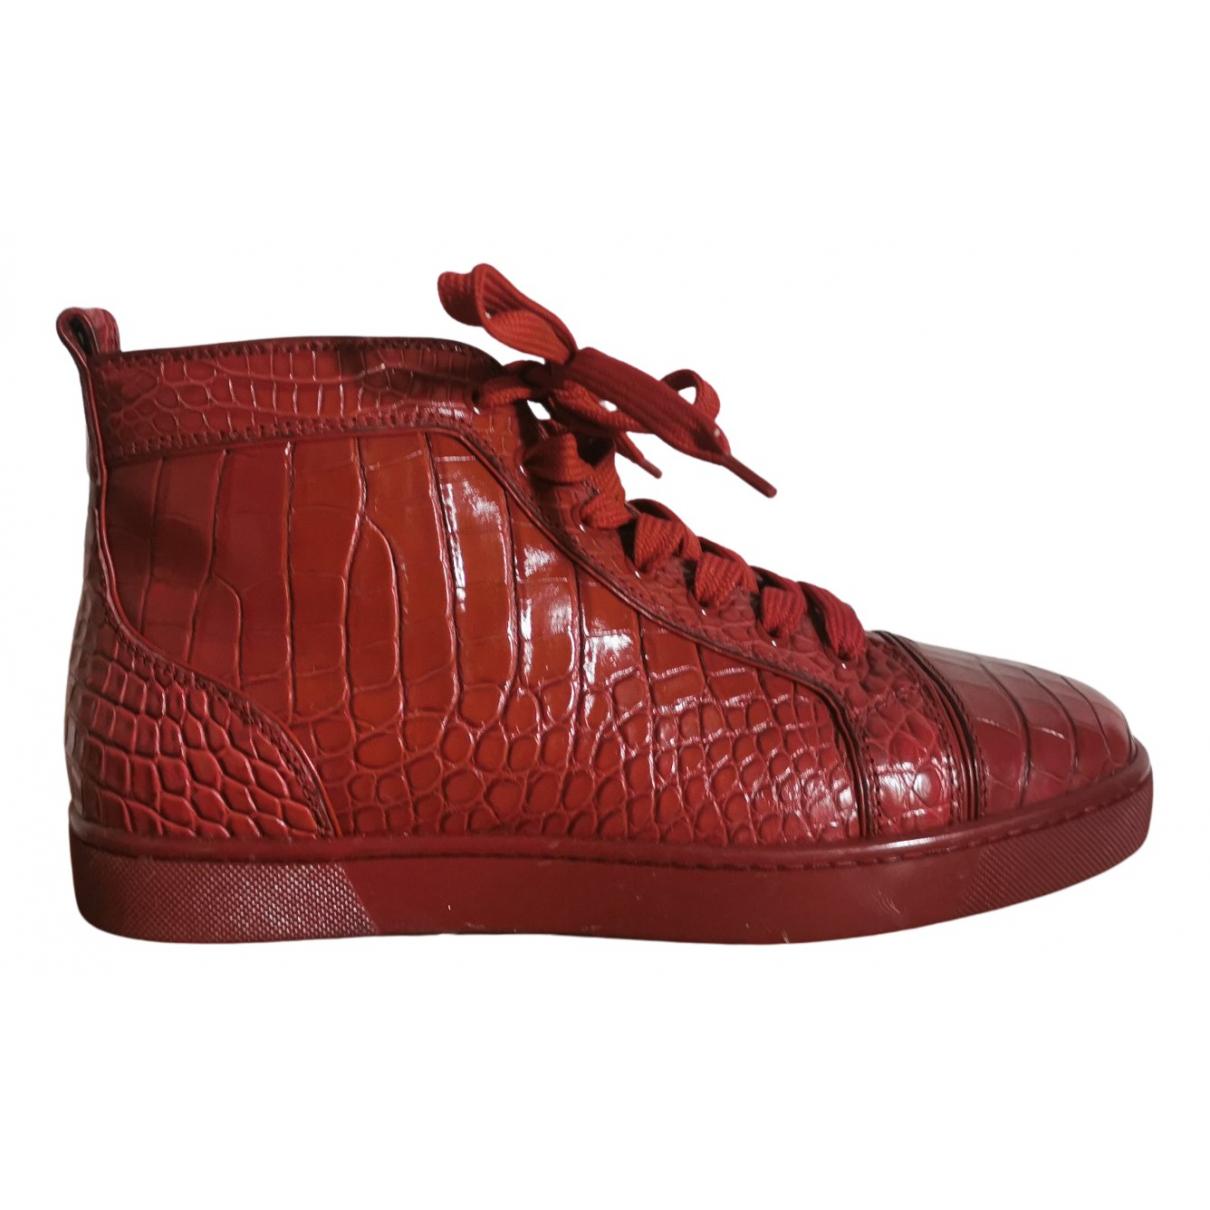 Christian Louboutin Louis Sneakers in  Bordeauxrot Krokodil